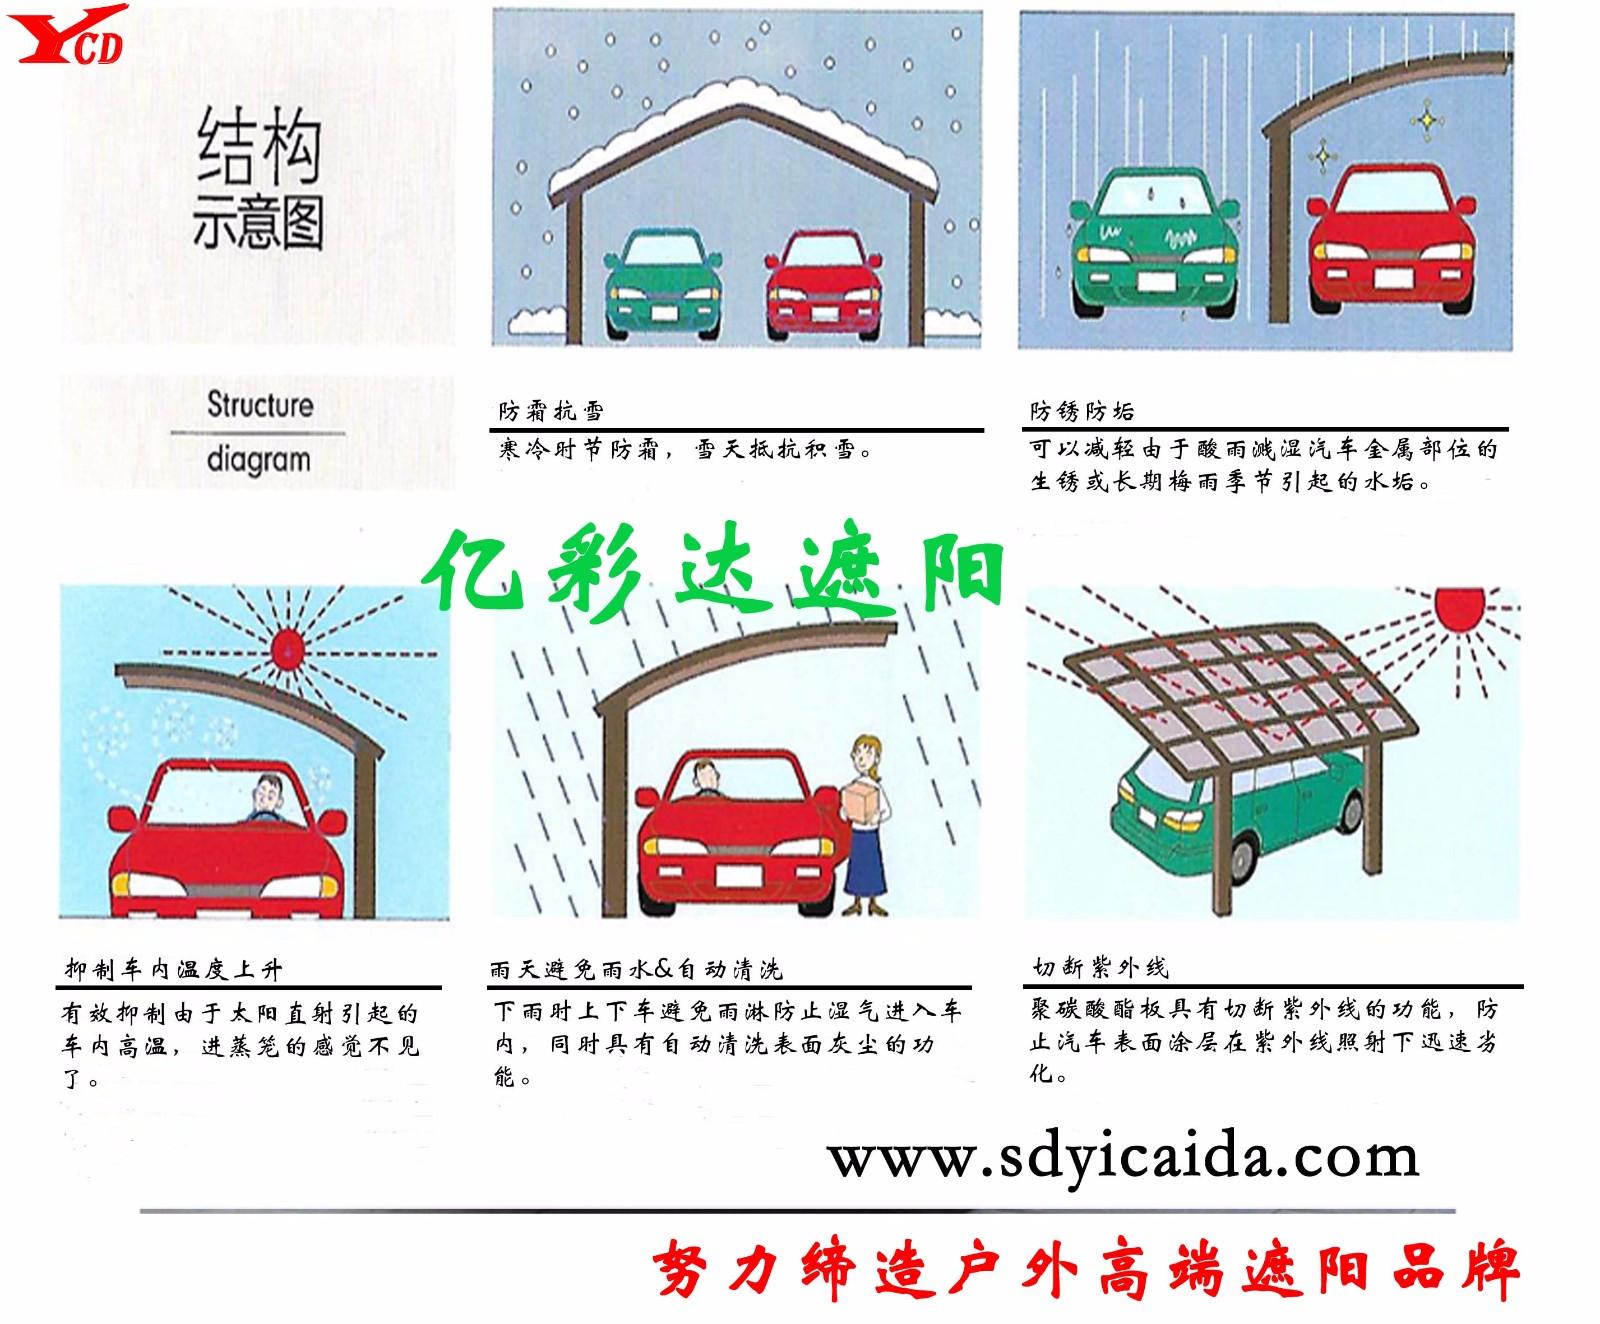 耐力板车棚 车棚-山东亿彩达遮阳节能科技有限公司